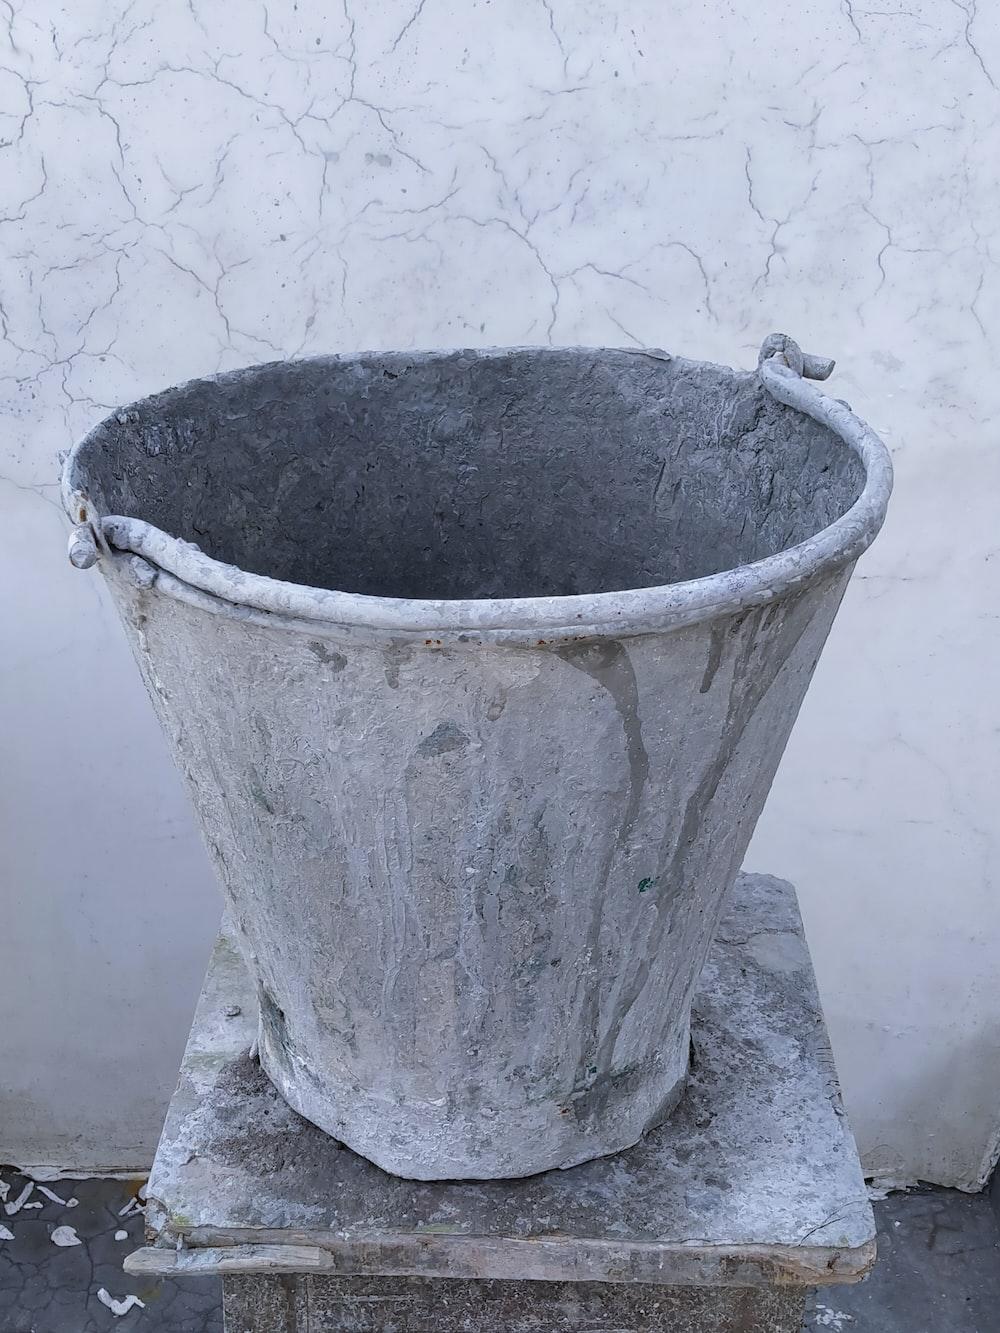 gray concrete bucket on gray concrete floor